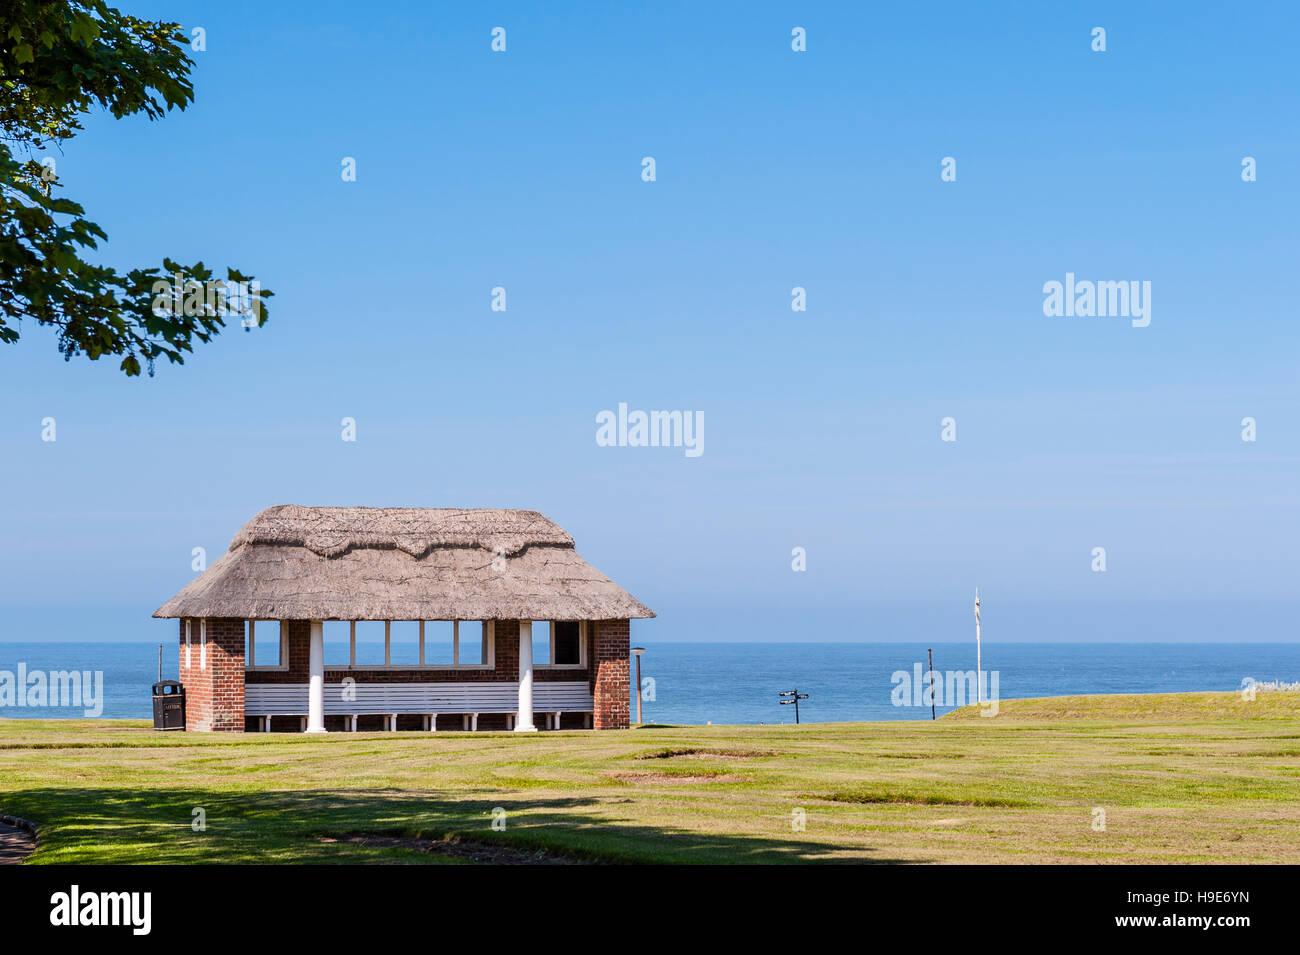 Ein Obdach und Platz zu sitzen an der Strandpromenade von Cromer, Norfolk, England, Großbritannien, Uk Stockbild